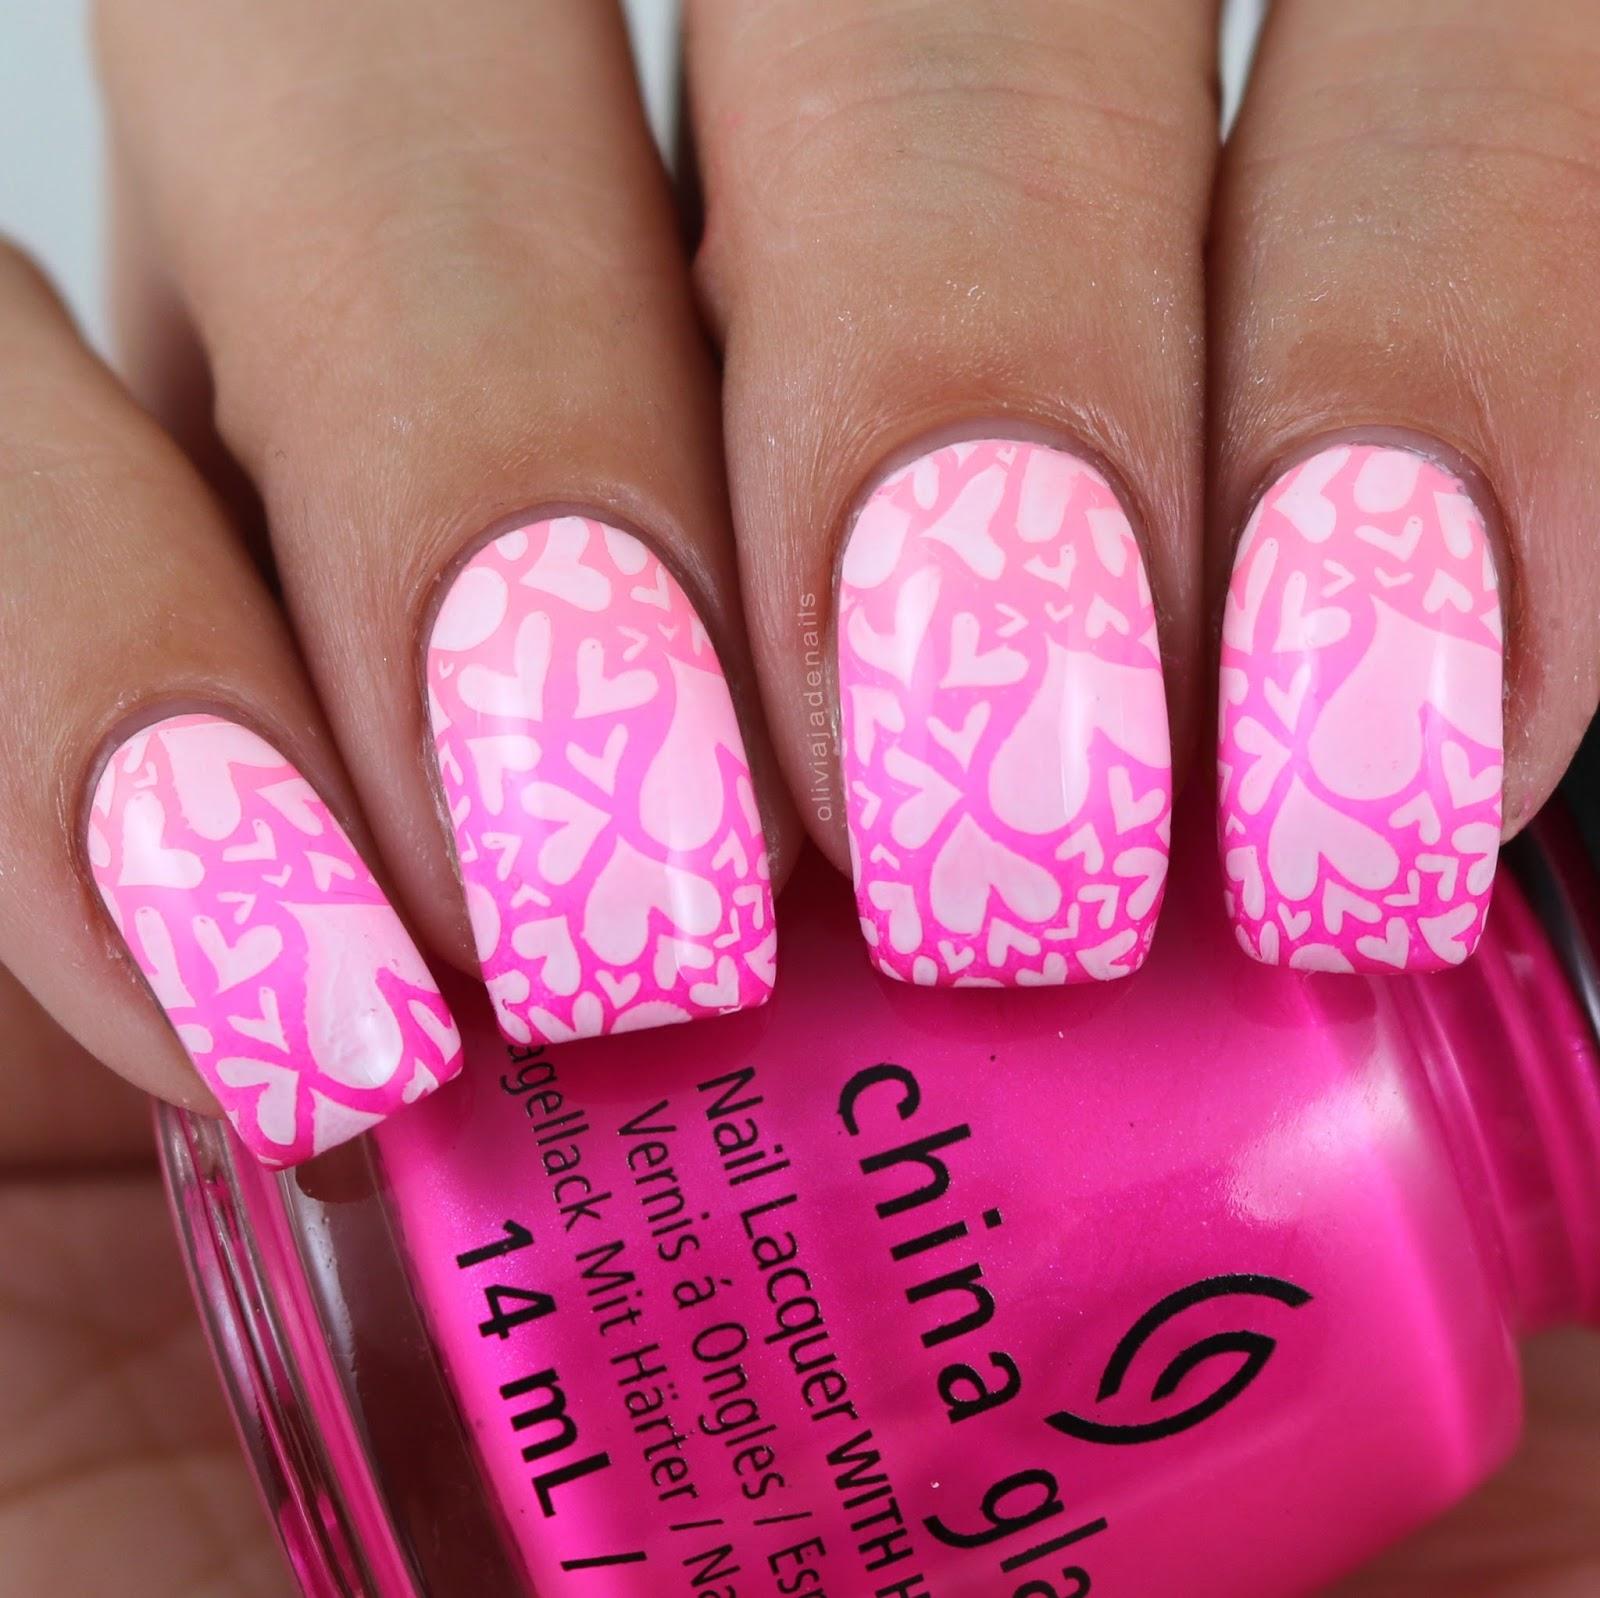 Olivia Jade Nails: Lina Nail Art Supplies All About Love 01 Stamping ...